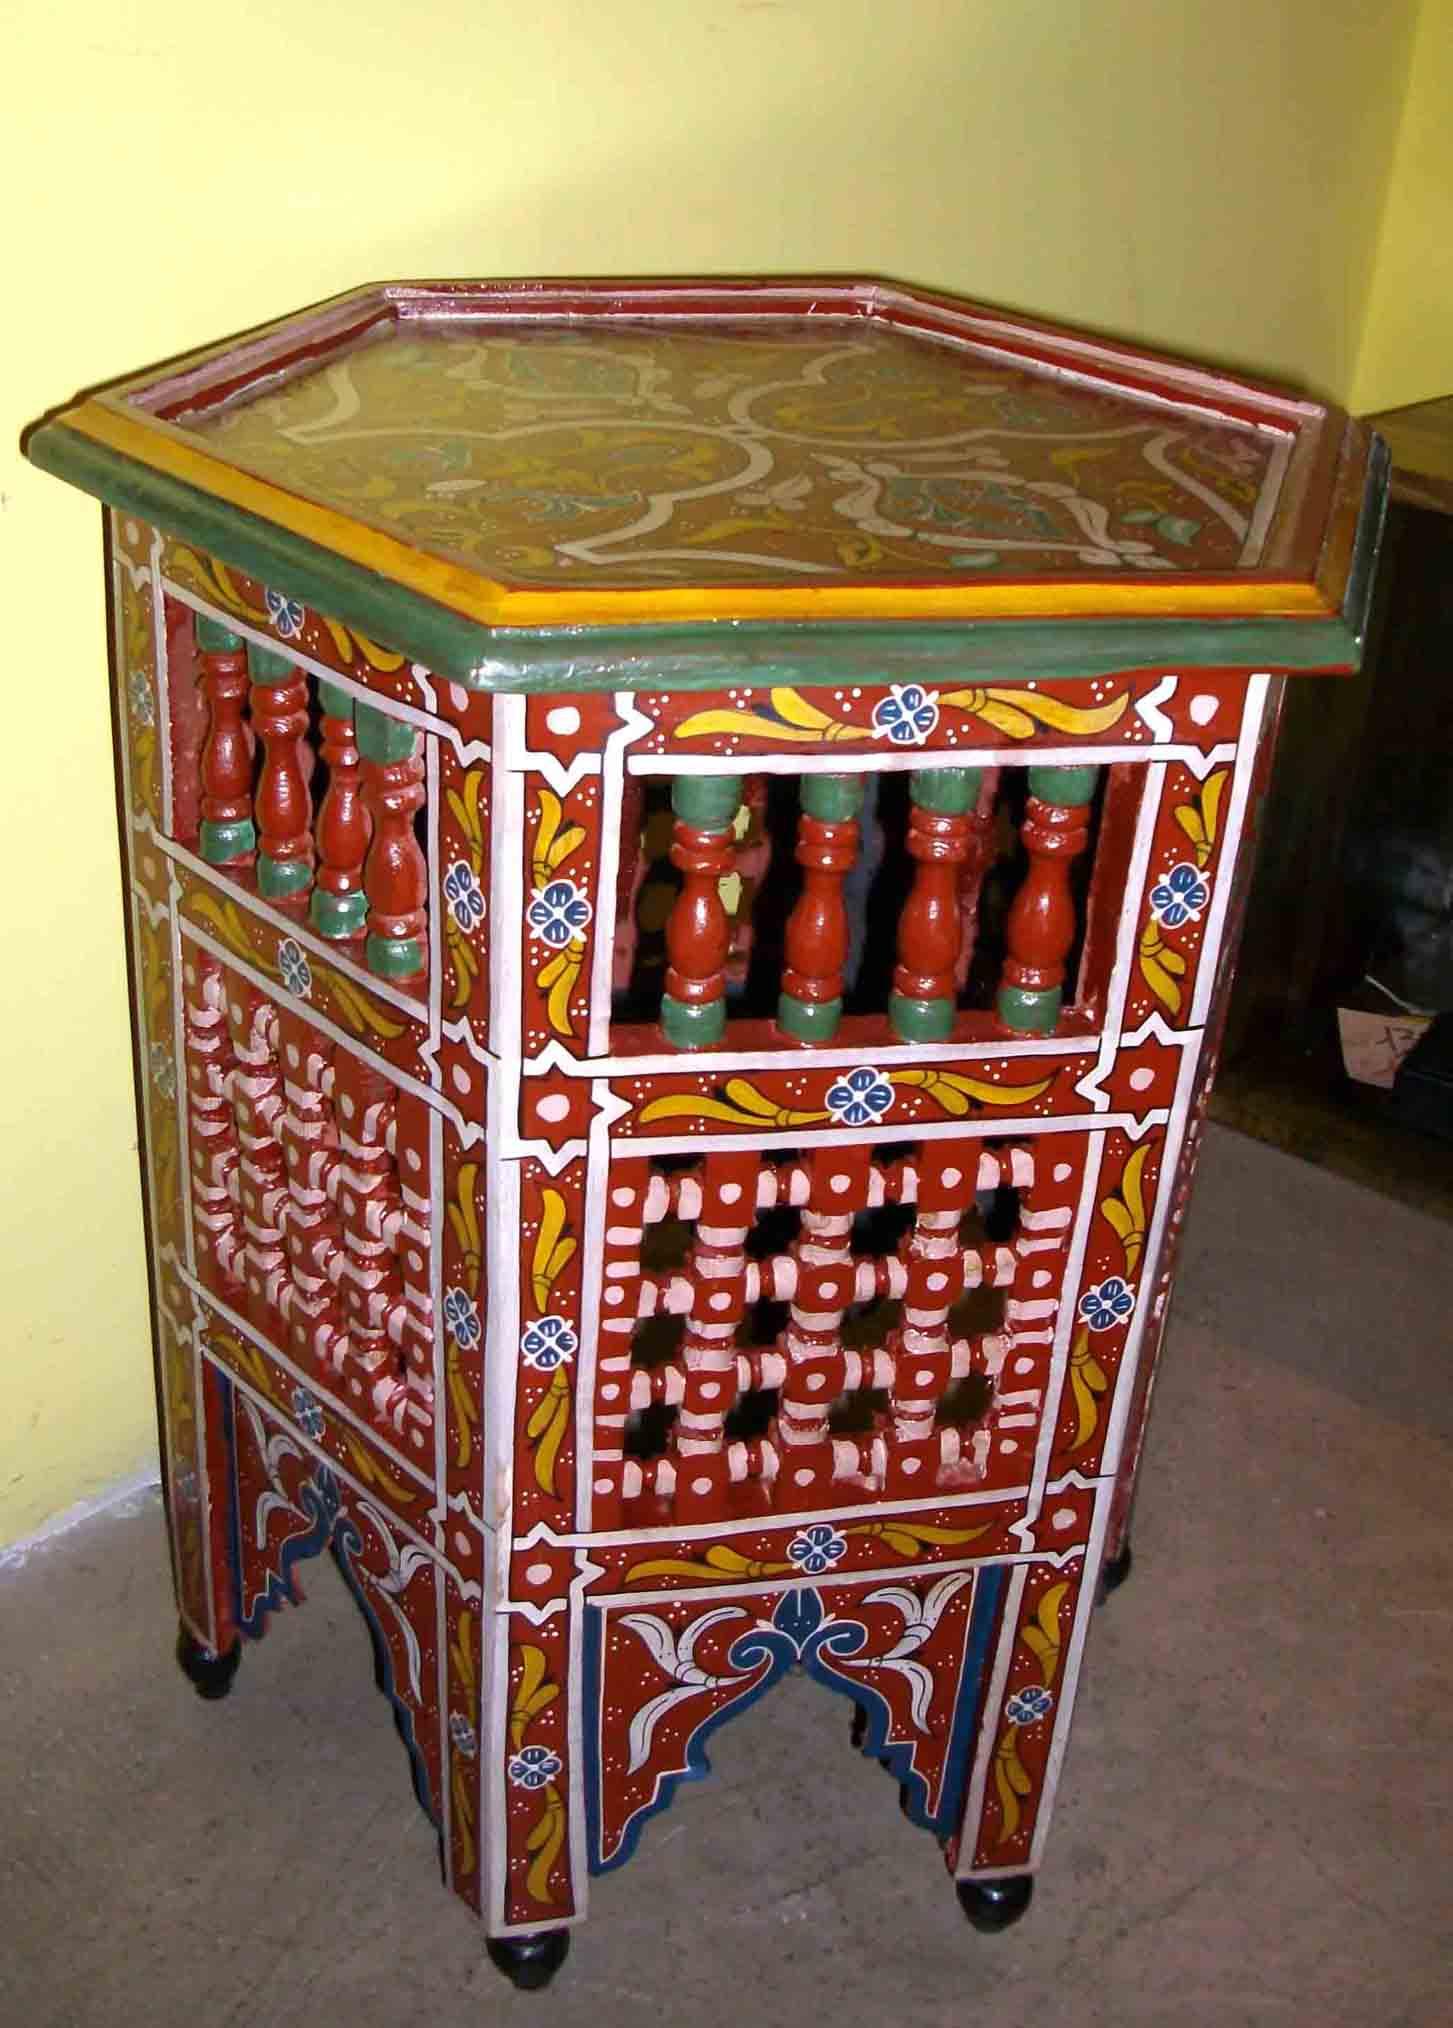 Tavolino marocchino mobili e complementi tavoli e tavolini in legno ferro zellige di - Mobili marocchini ...